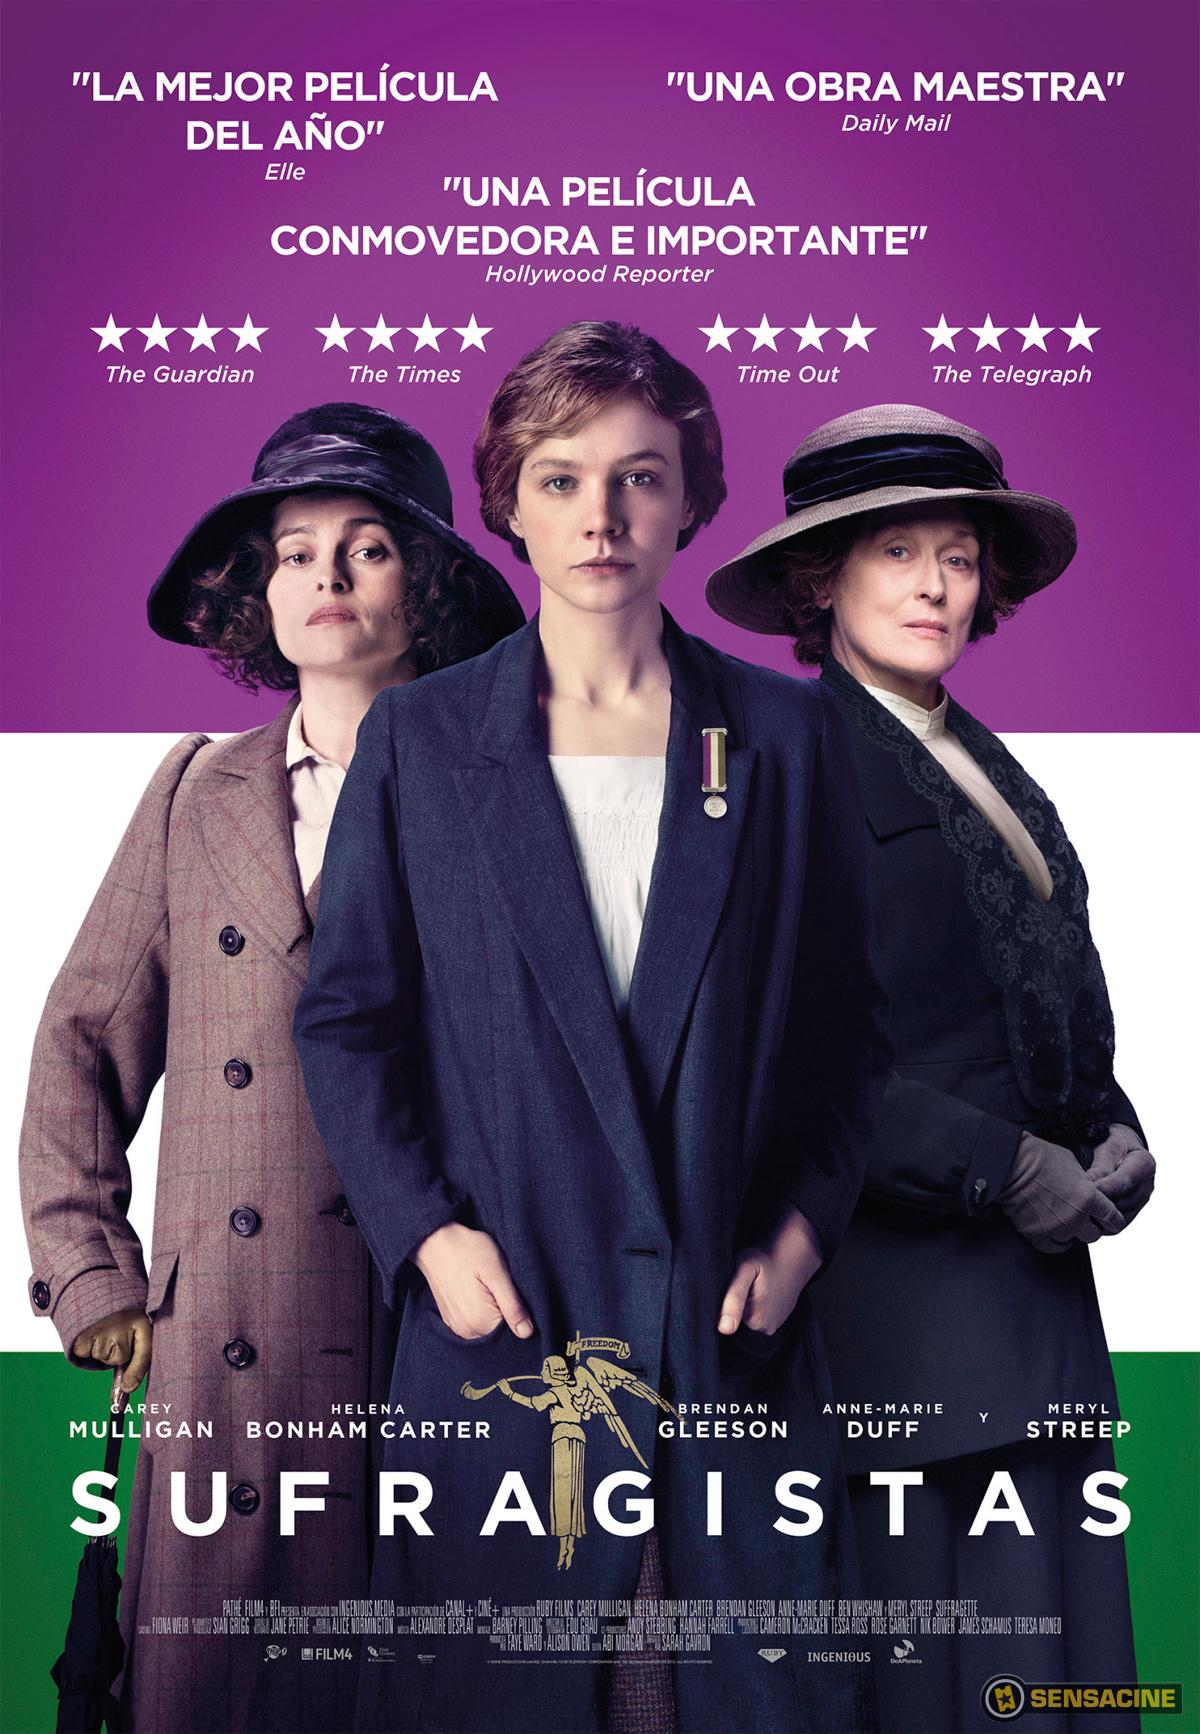 Cine Feminazi: Sufragistas, la película (reseña)